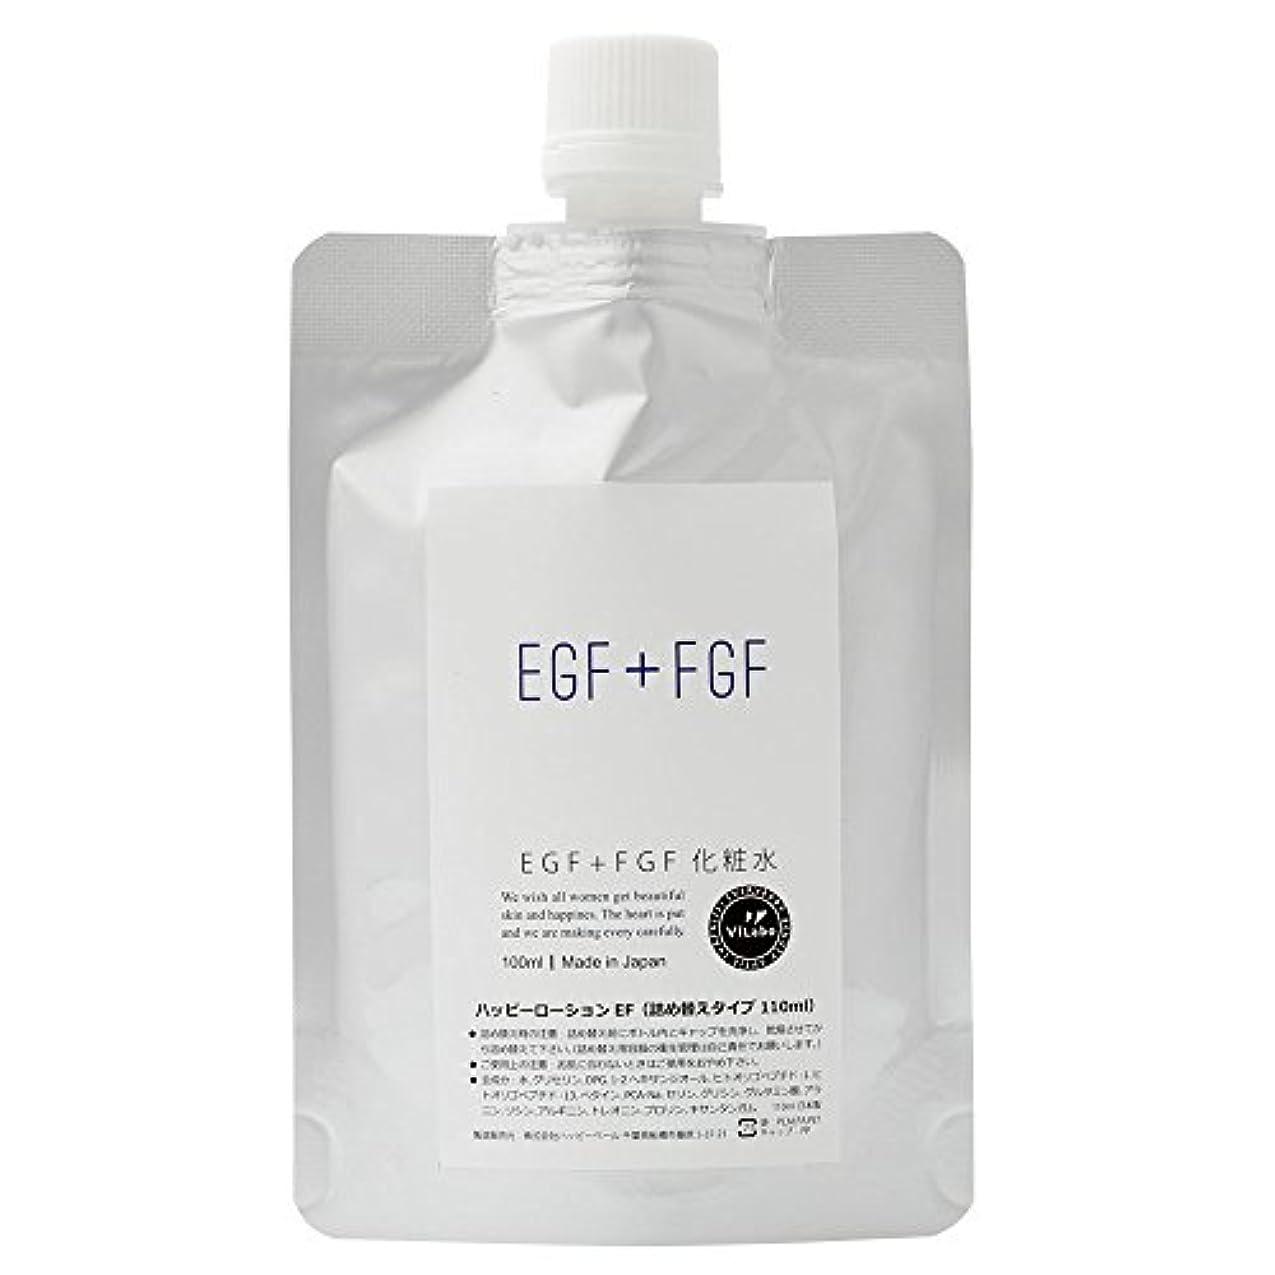 アノイ到着小人ViLabo EGF+FGF化粧水 (ハッピーローションEF)110ml 詰め替え用パウチ ビラボ